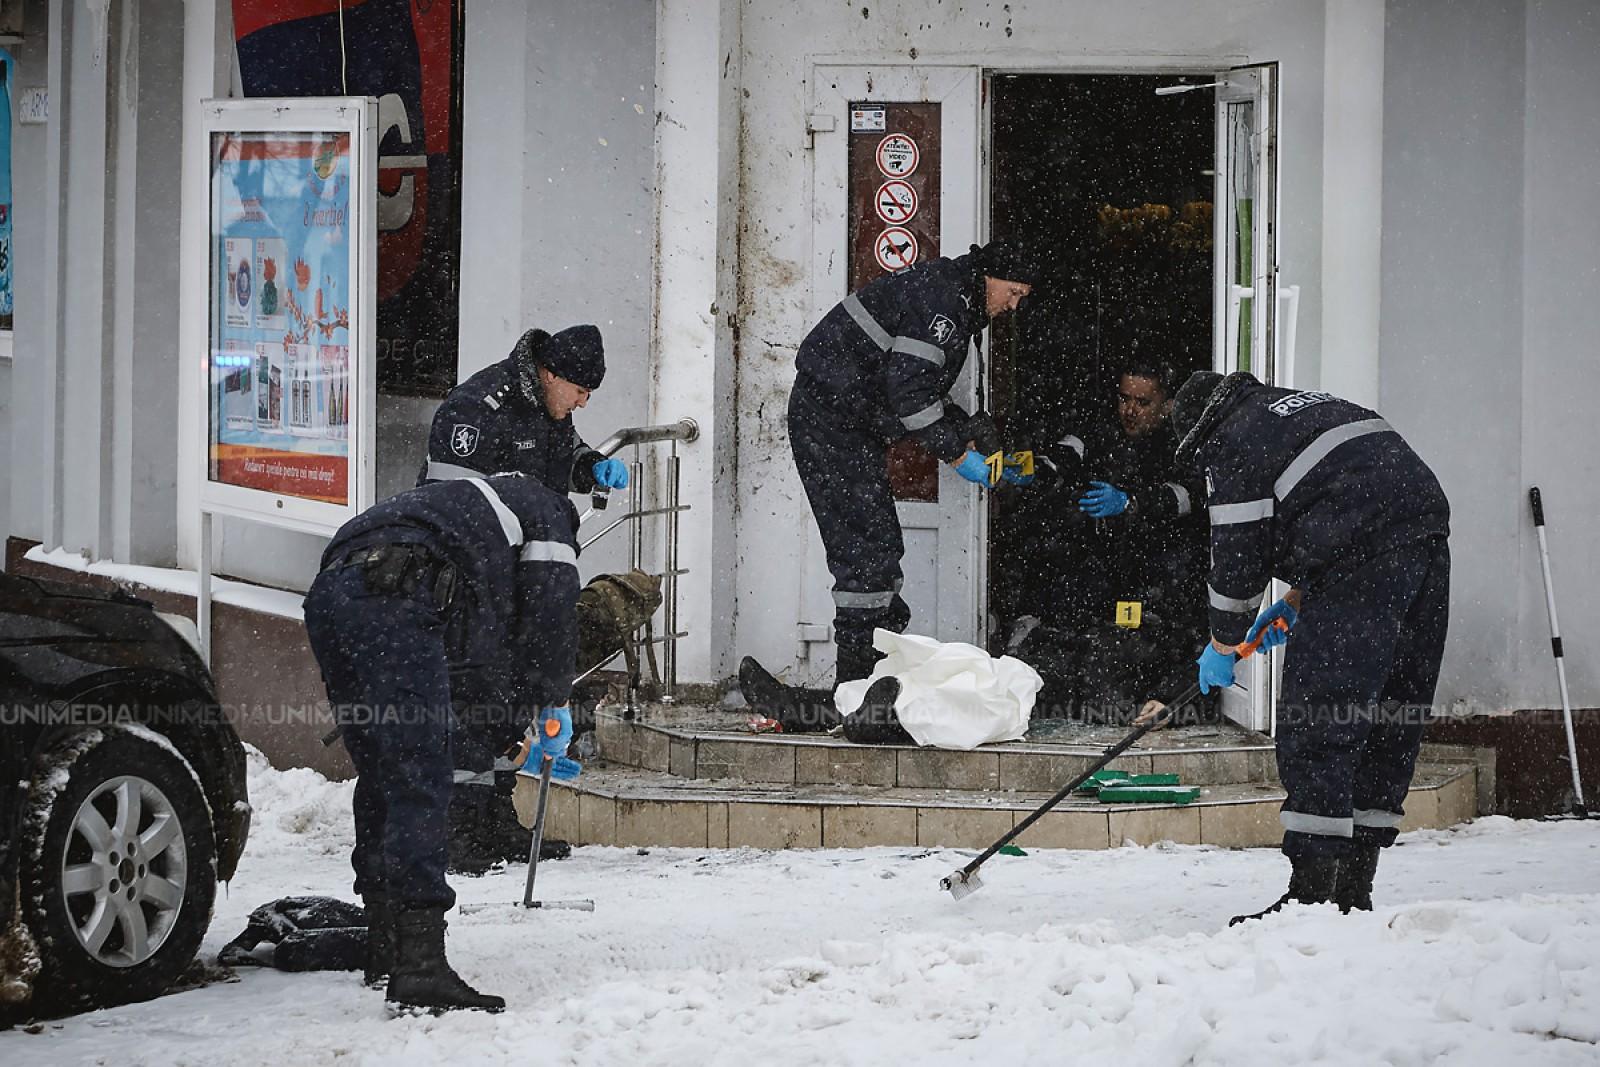 Cine este a doua persoană care a decedat în urma exploziei dintr-un magazin de pe strada Armenească